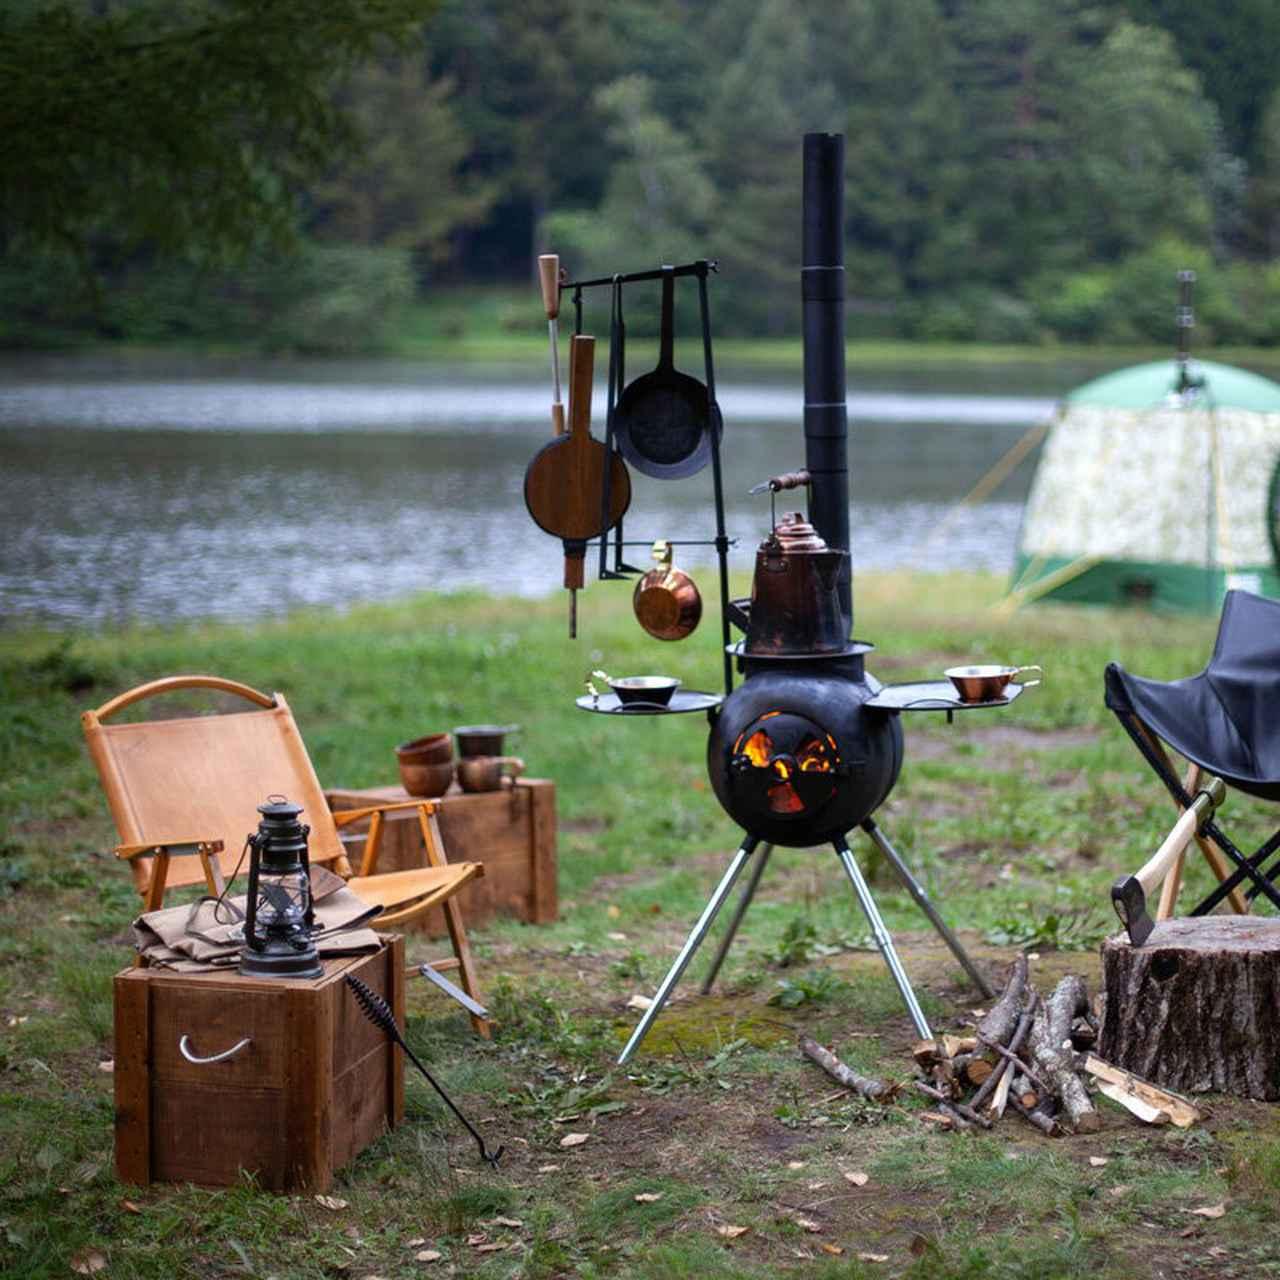 画像1: 『ファイヤーサイド』が厳選する焚き火キャンプ用品を紹介! とことん火にこだわろう